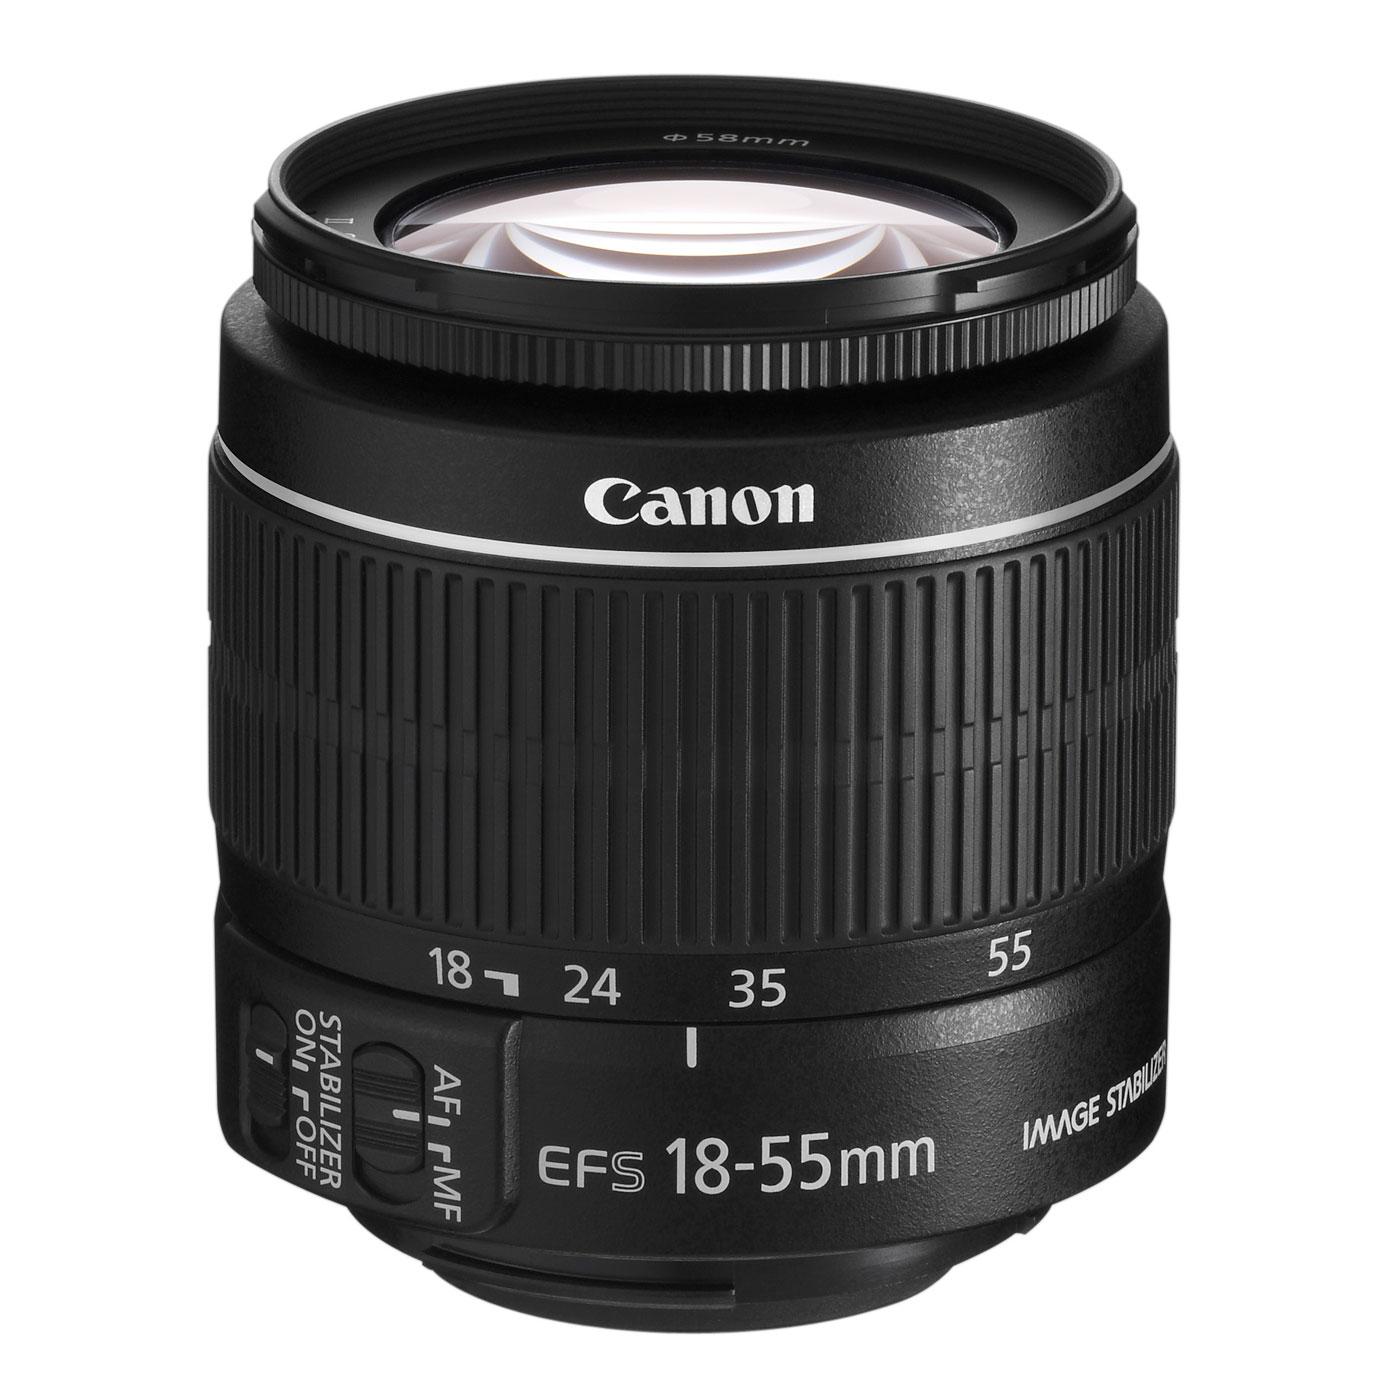 Objectif appareil photo Canon EF-S 18-55mm f/3.5-5.6 IS II Zoom standard stabilisé